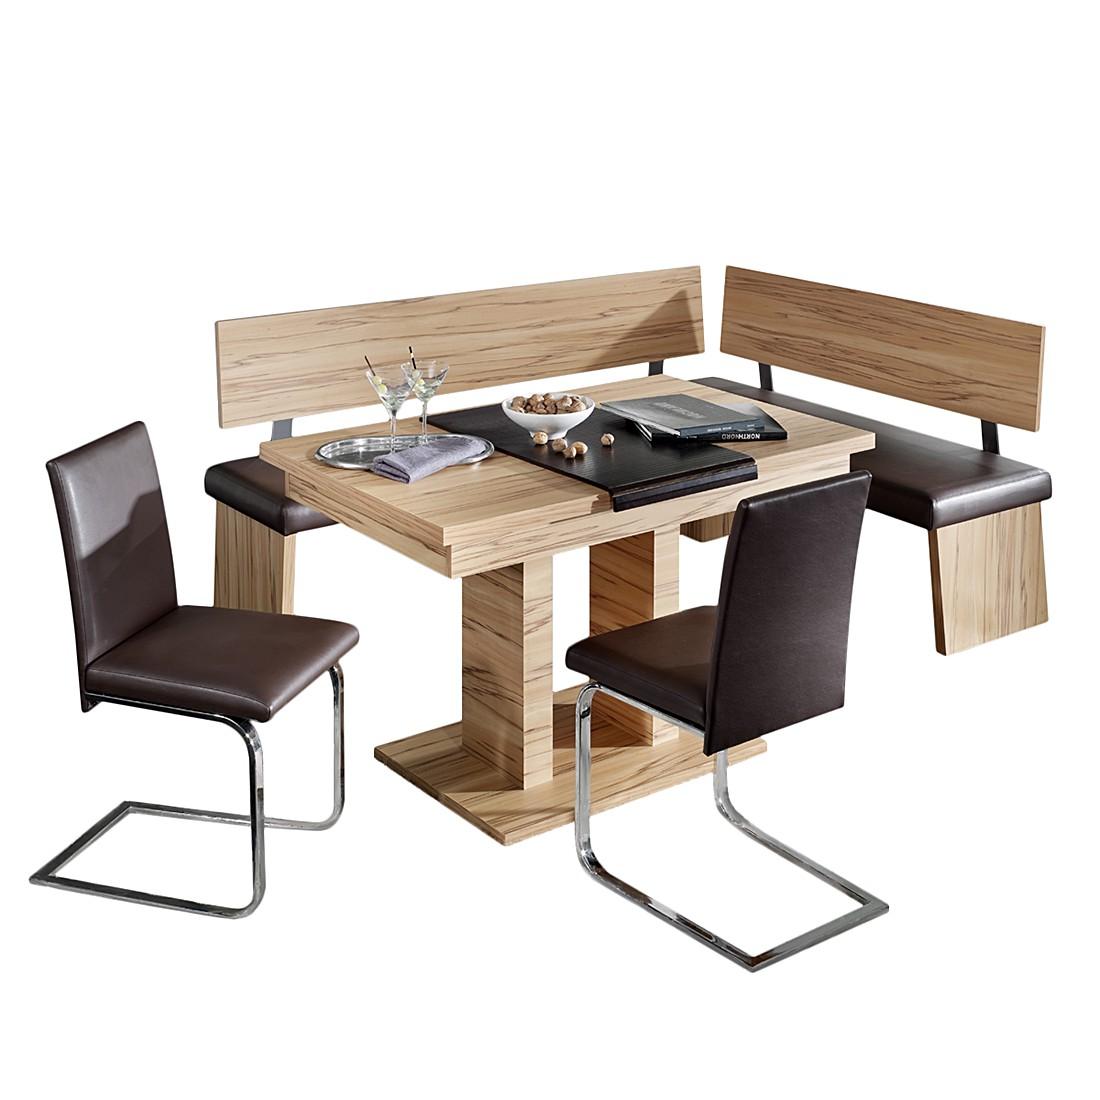 tisch dunkelbraun g nstig kaufen. Black Bedroom Furniture Sets. Home Design Ideas